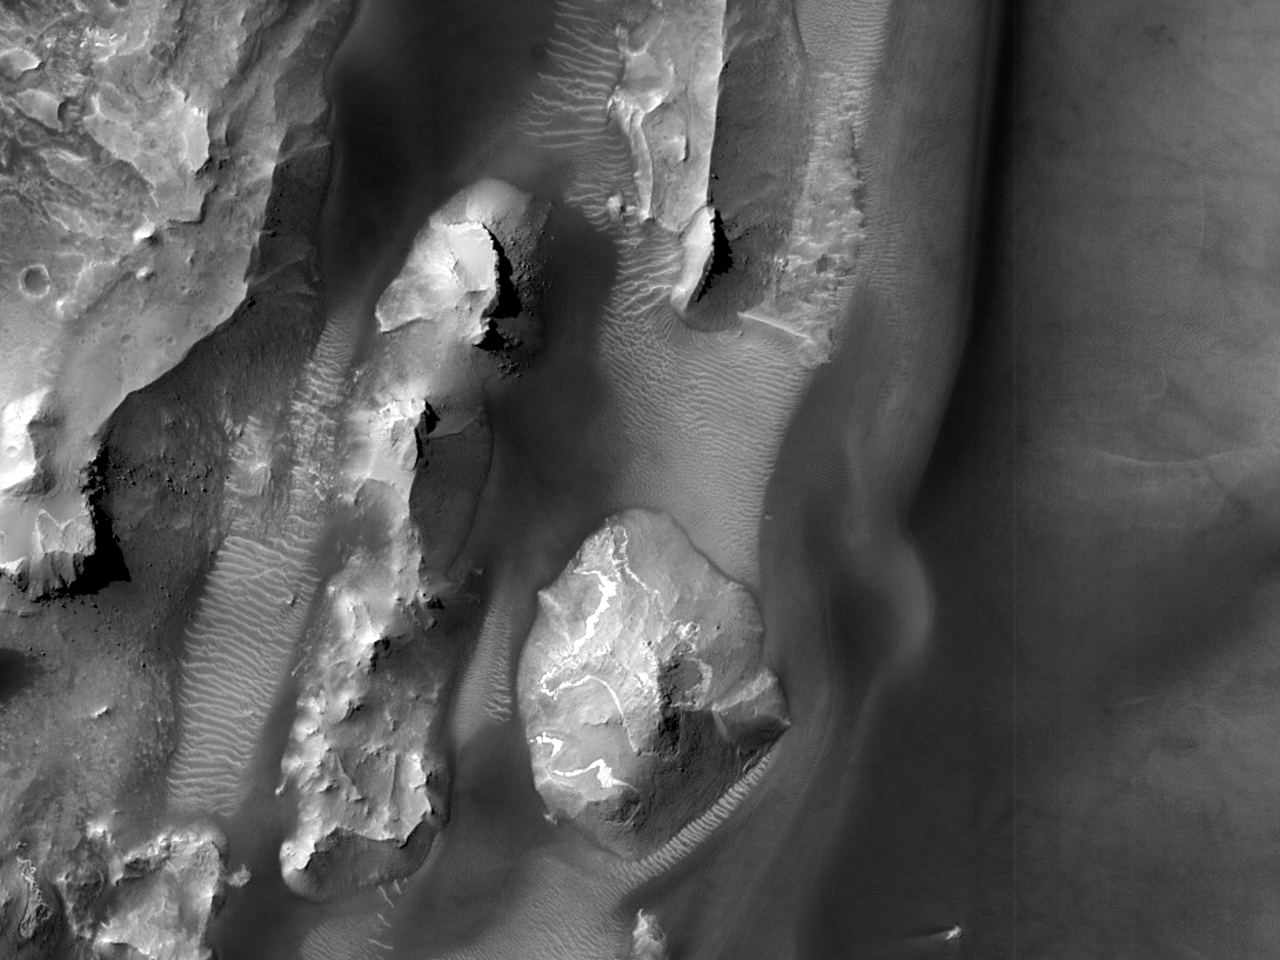 Изменения форм рельефа в лабиринте Noctis Labyrinthus